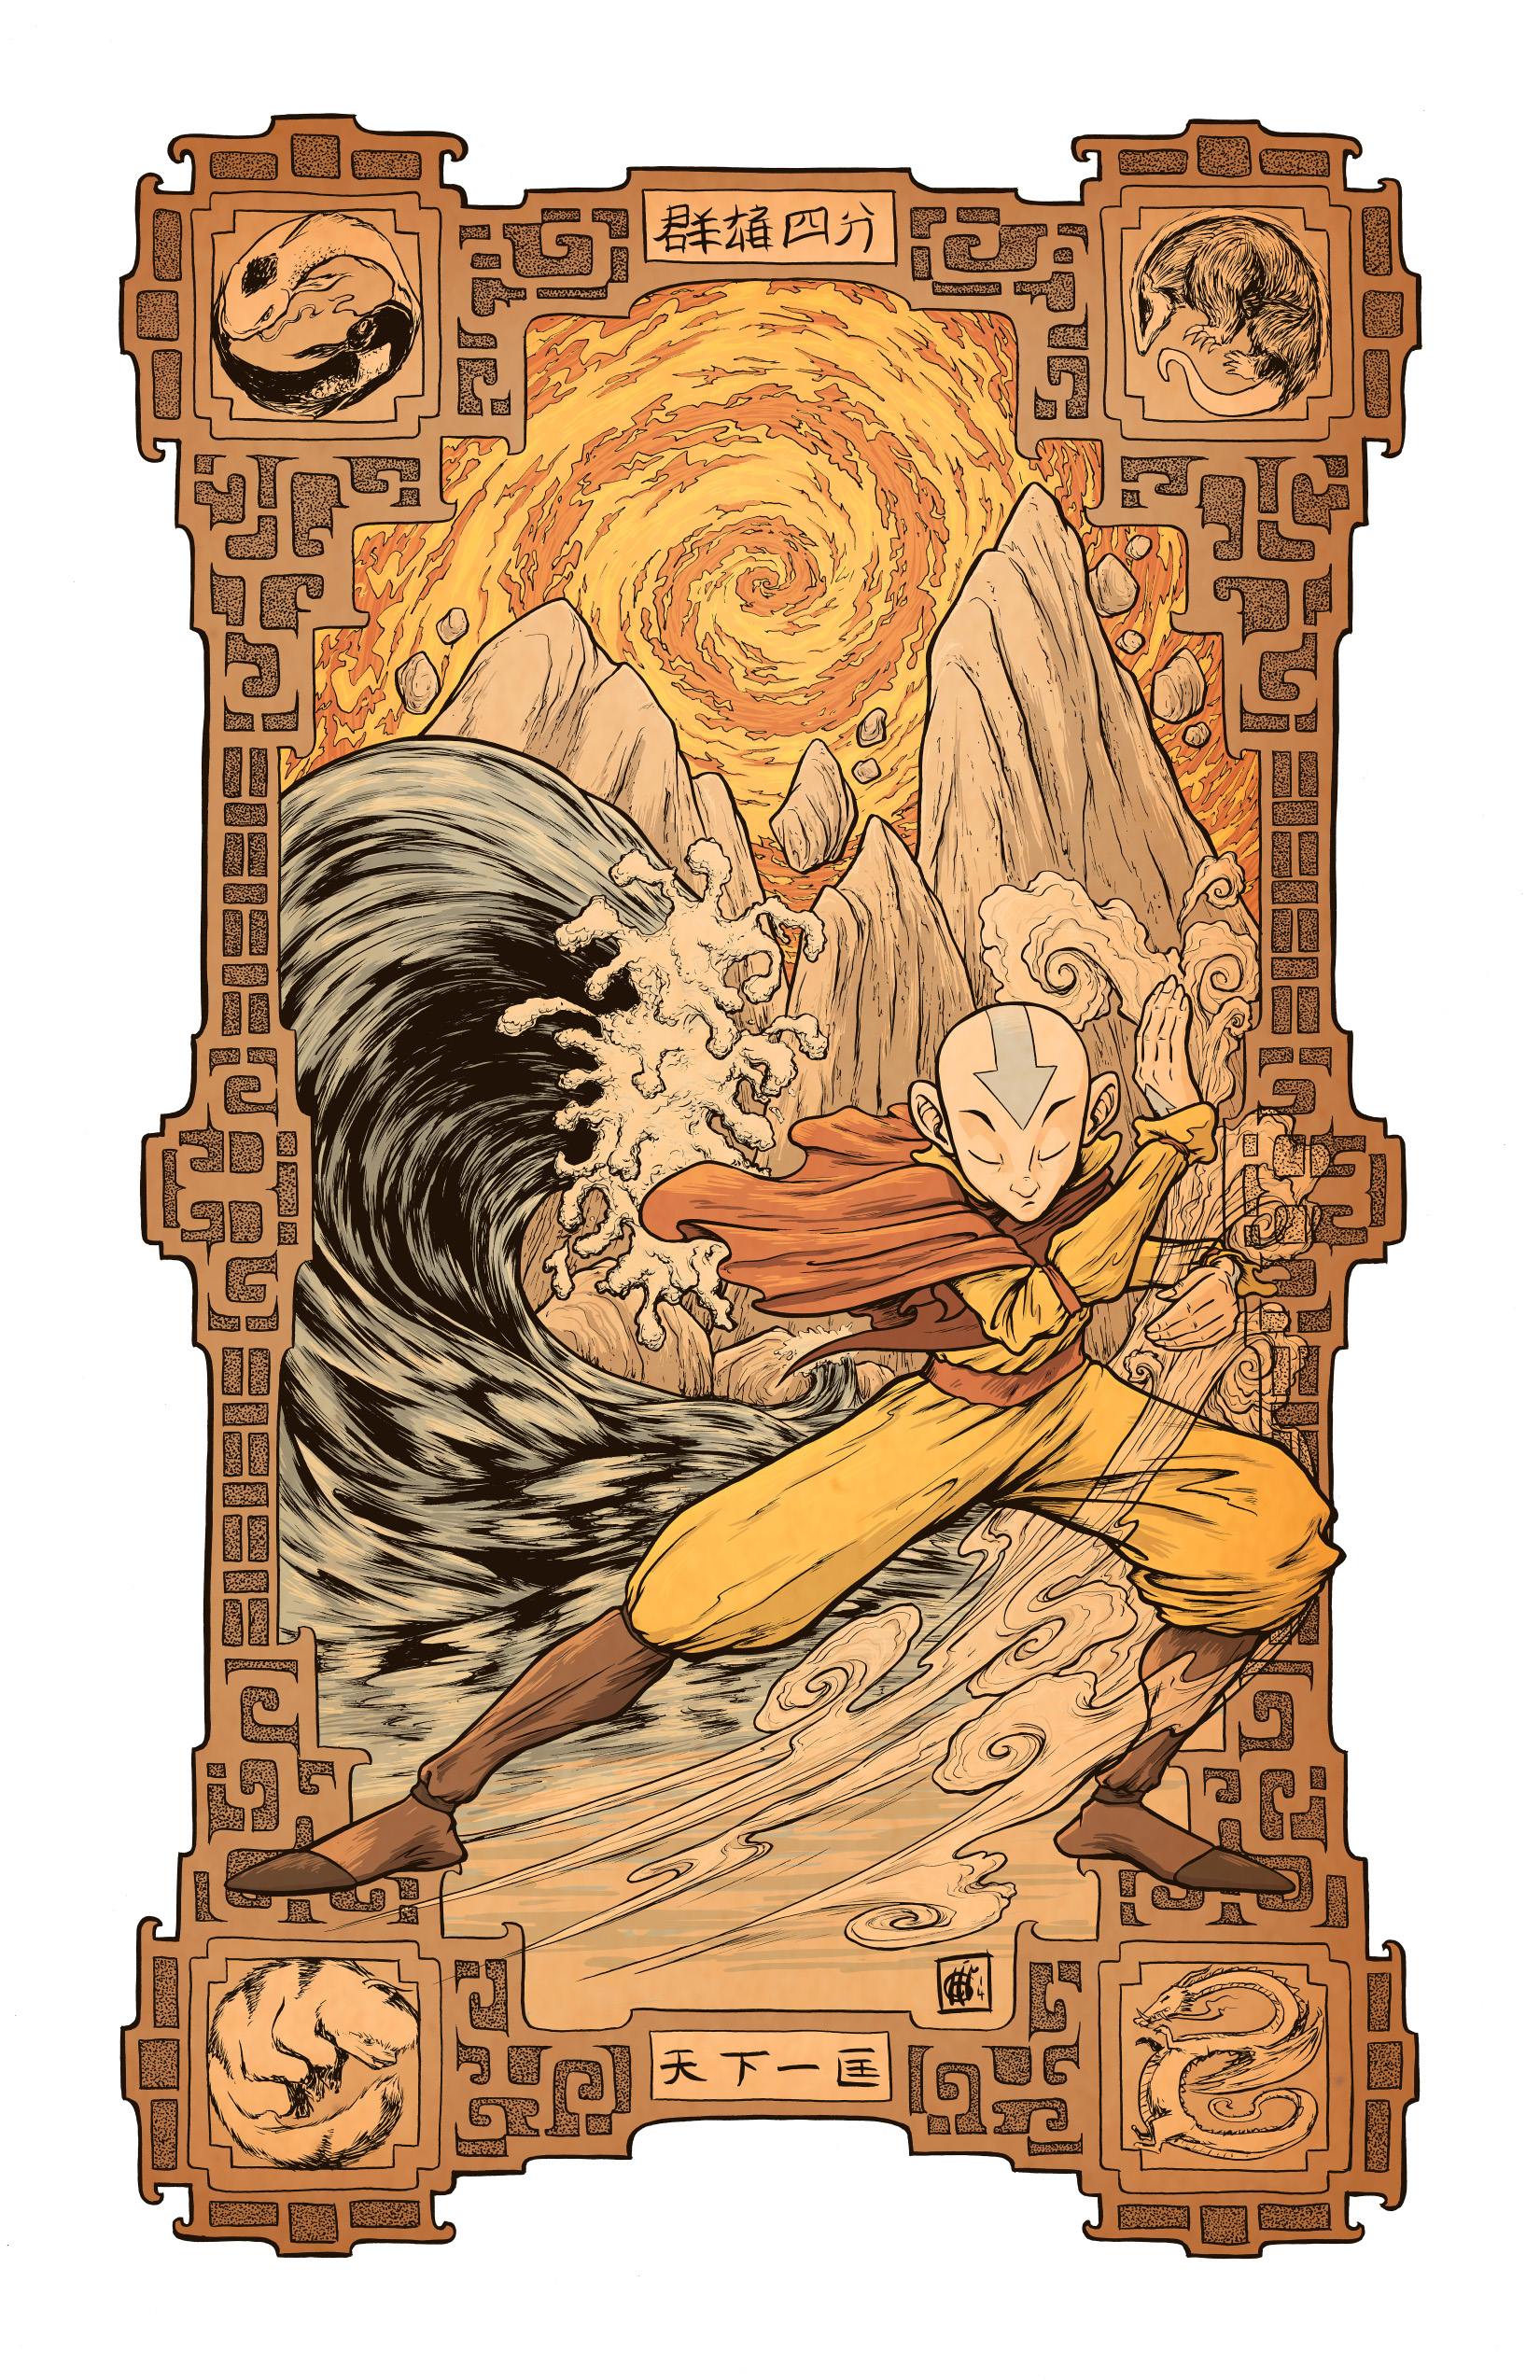 Avatar_Aang_11x17_3.jpg